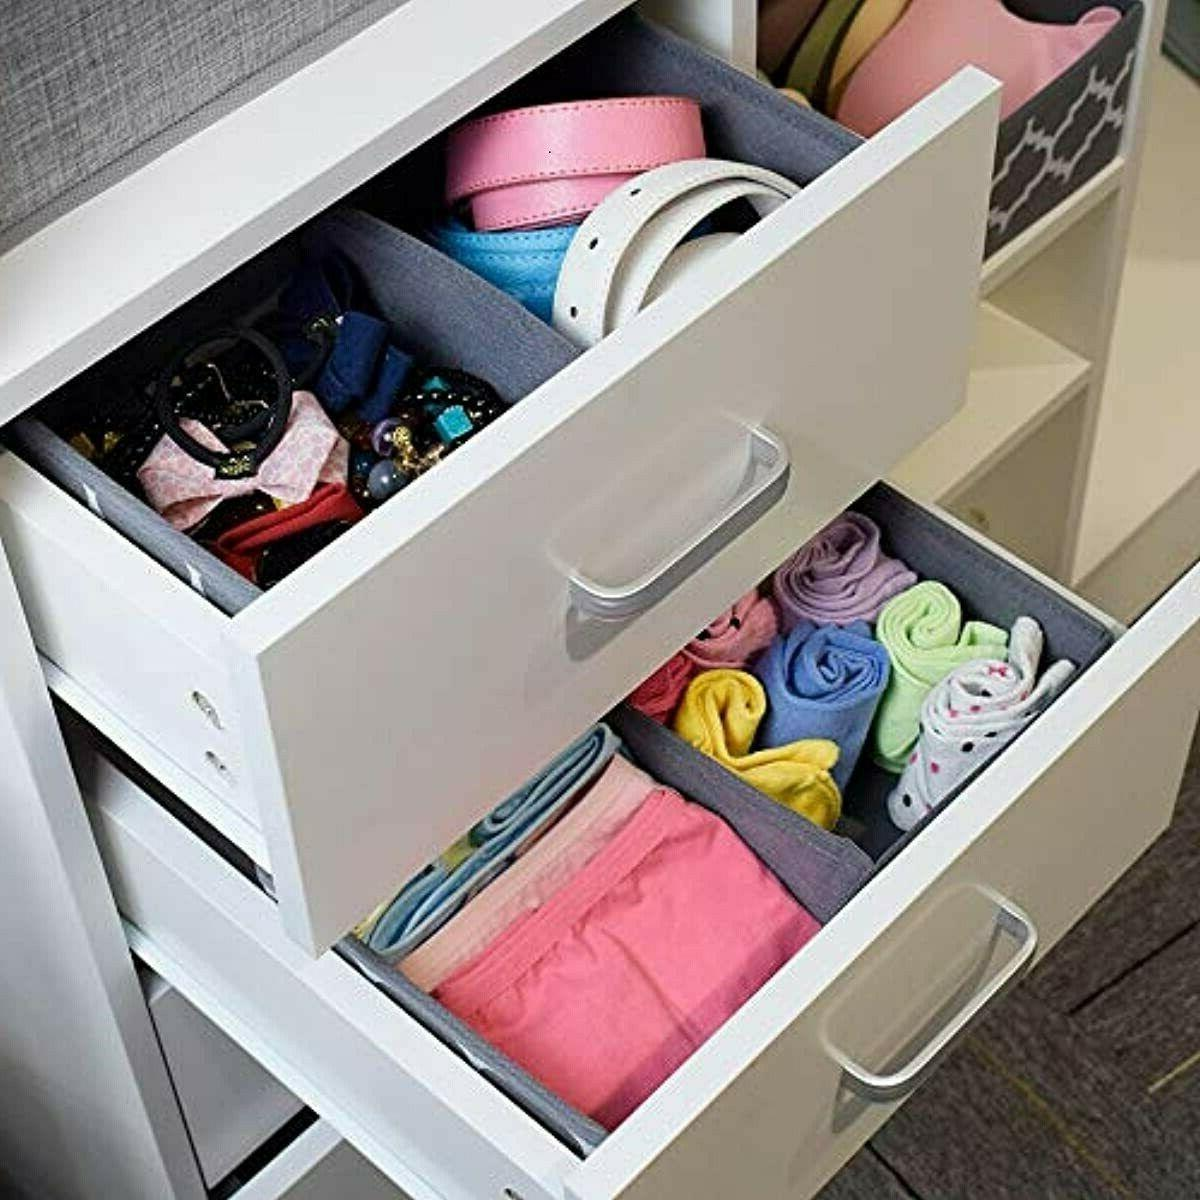 homyfort Clothes Storage Box